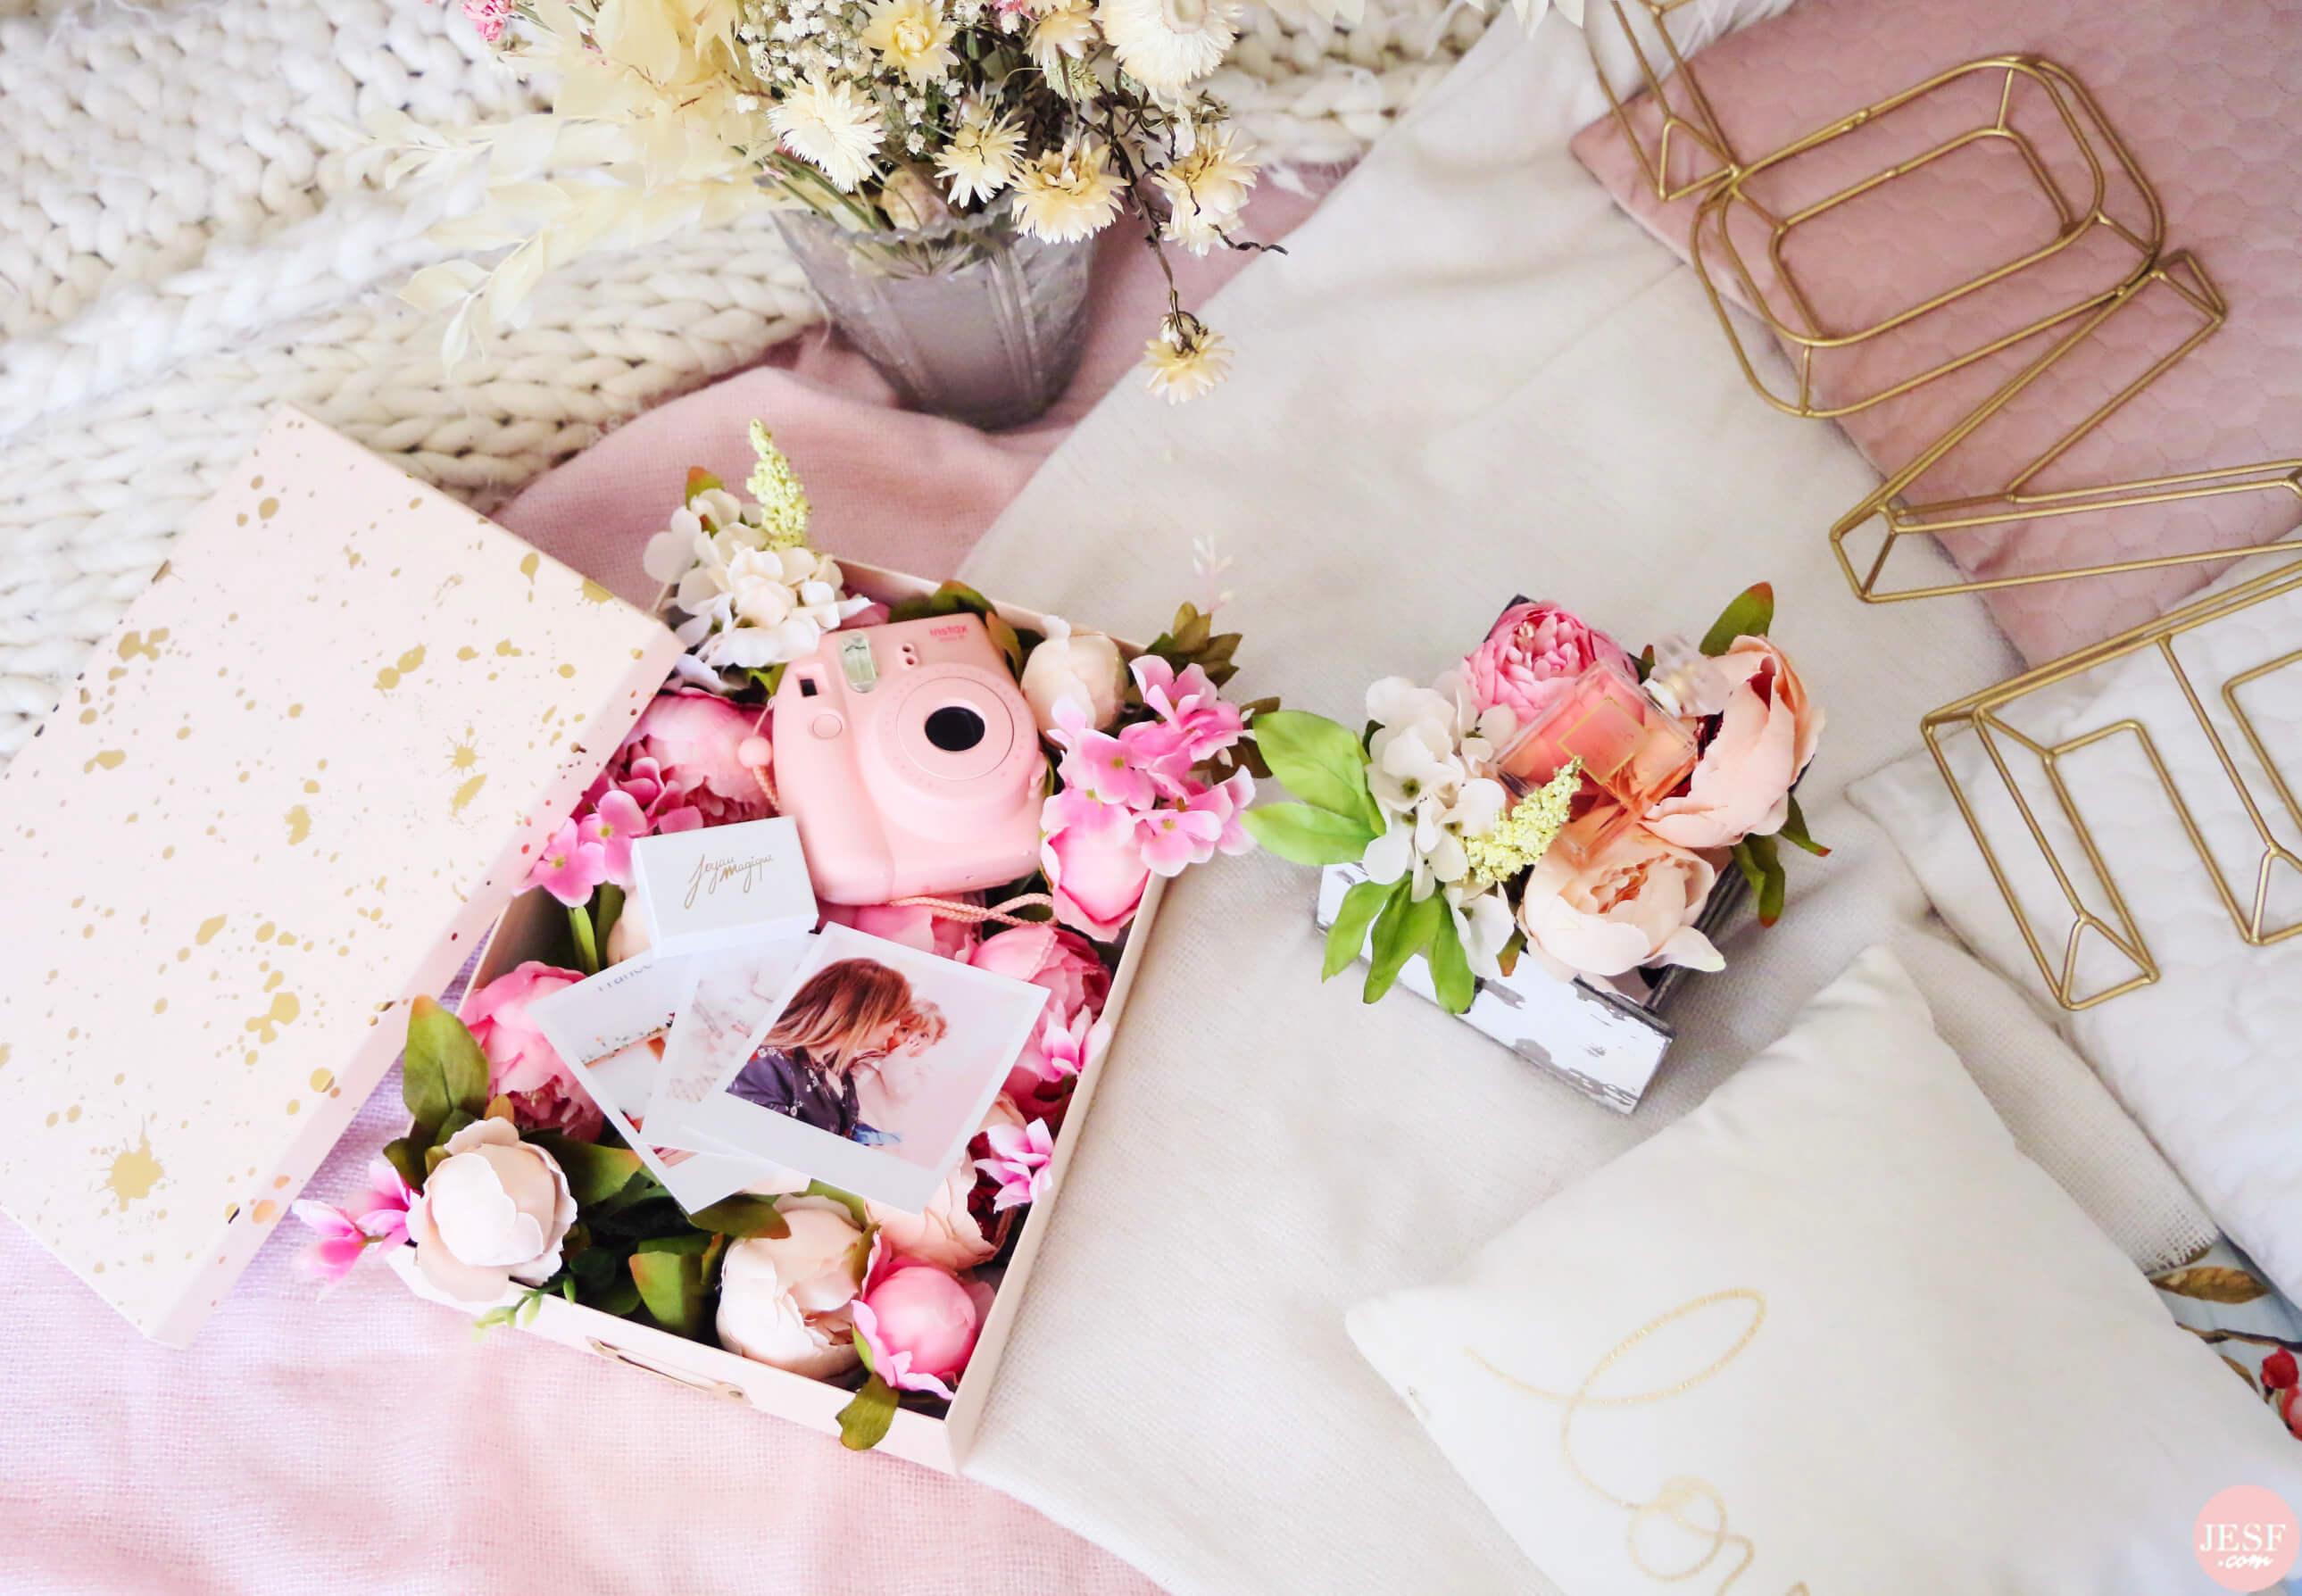 DIY-fête-des-mères-boites-fleurs-emballage-polaroid-parfum-bijoux